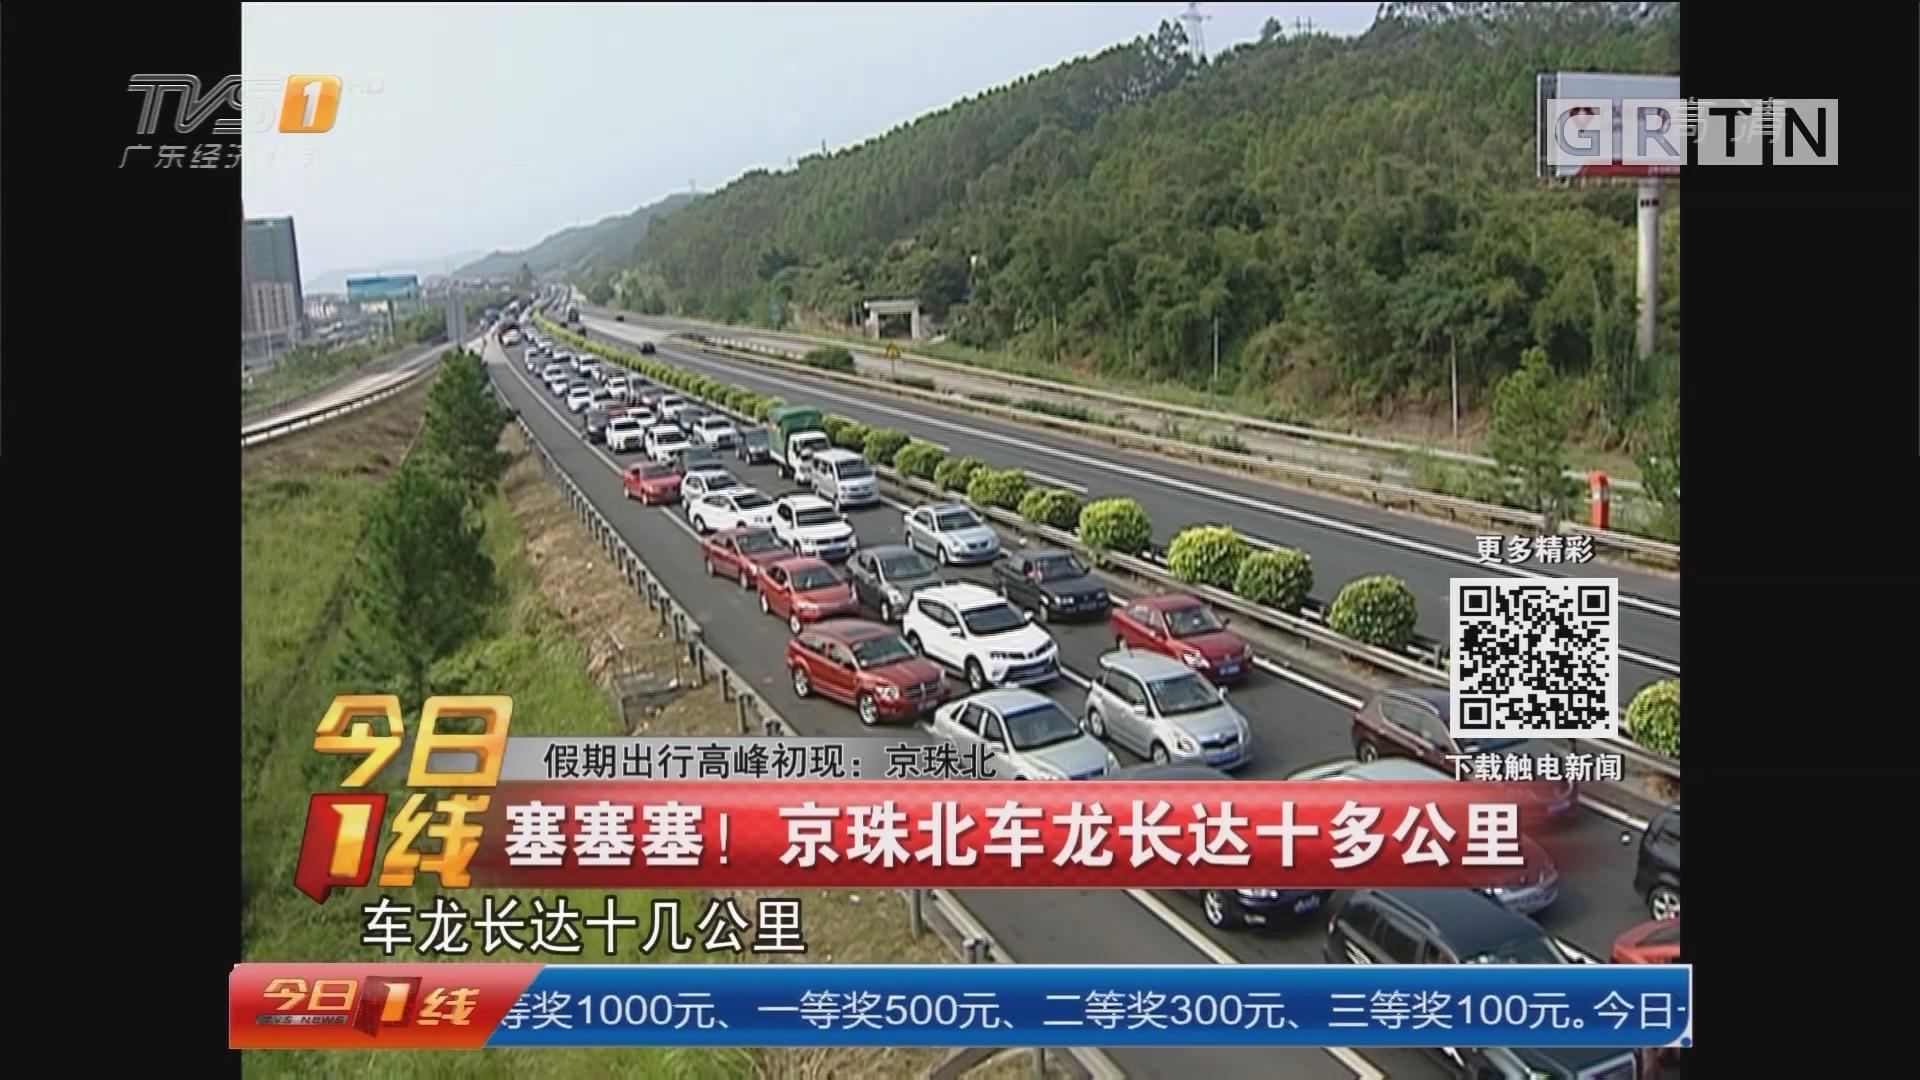 假期出行高峰初现:京珠北 塞塞塞!京珠北车龙长达十多公里